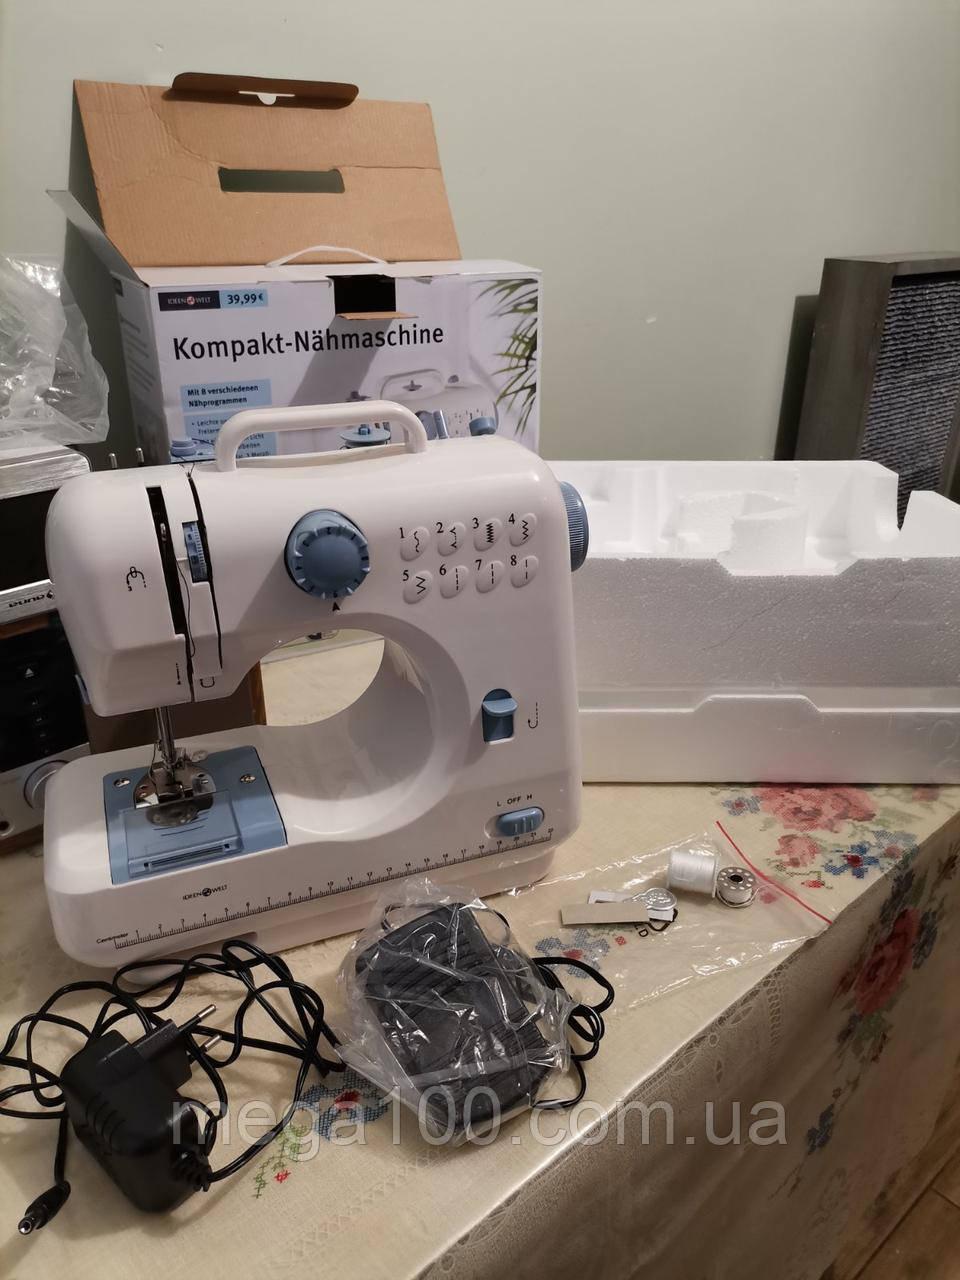 Немецкая швейная машинка Germany ideen welt LD/01084 цвет бело/синий